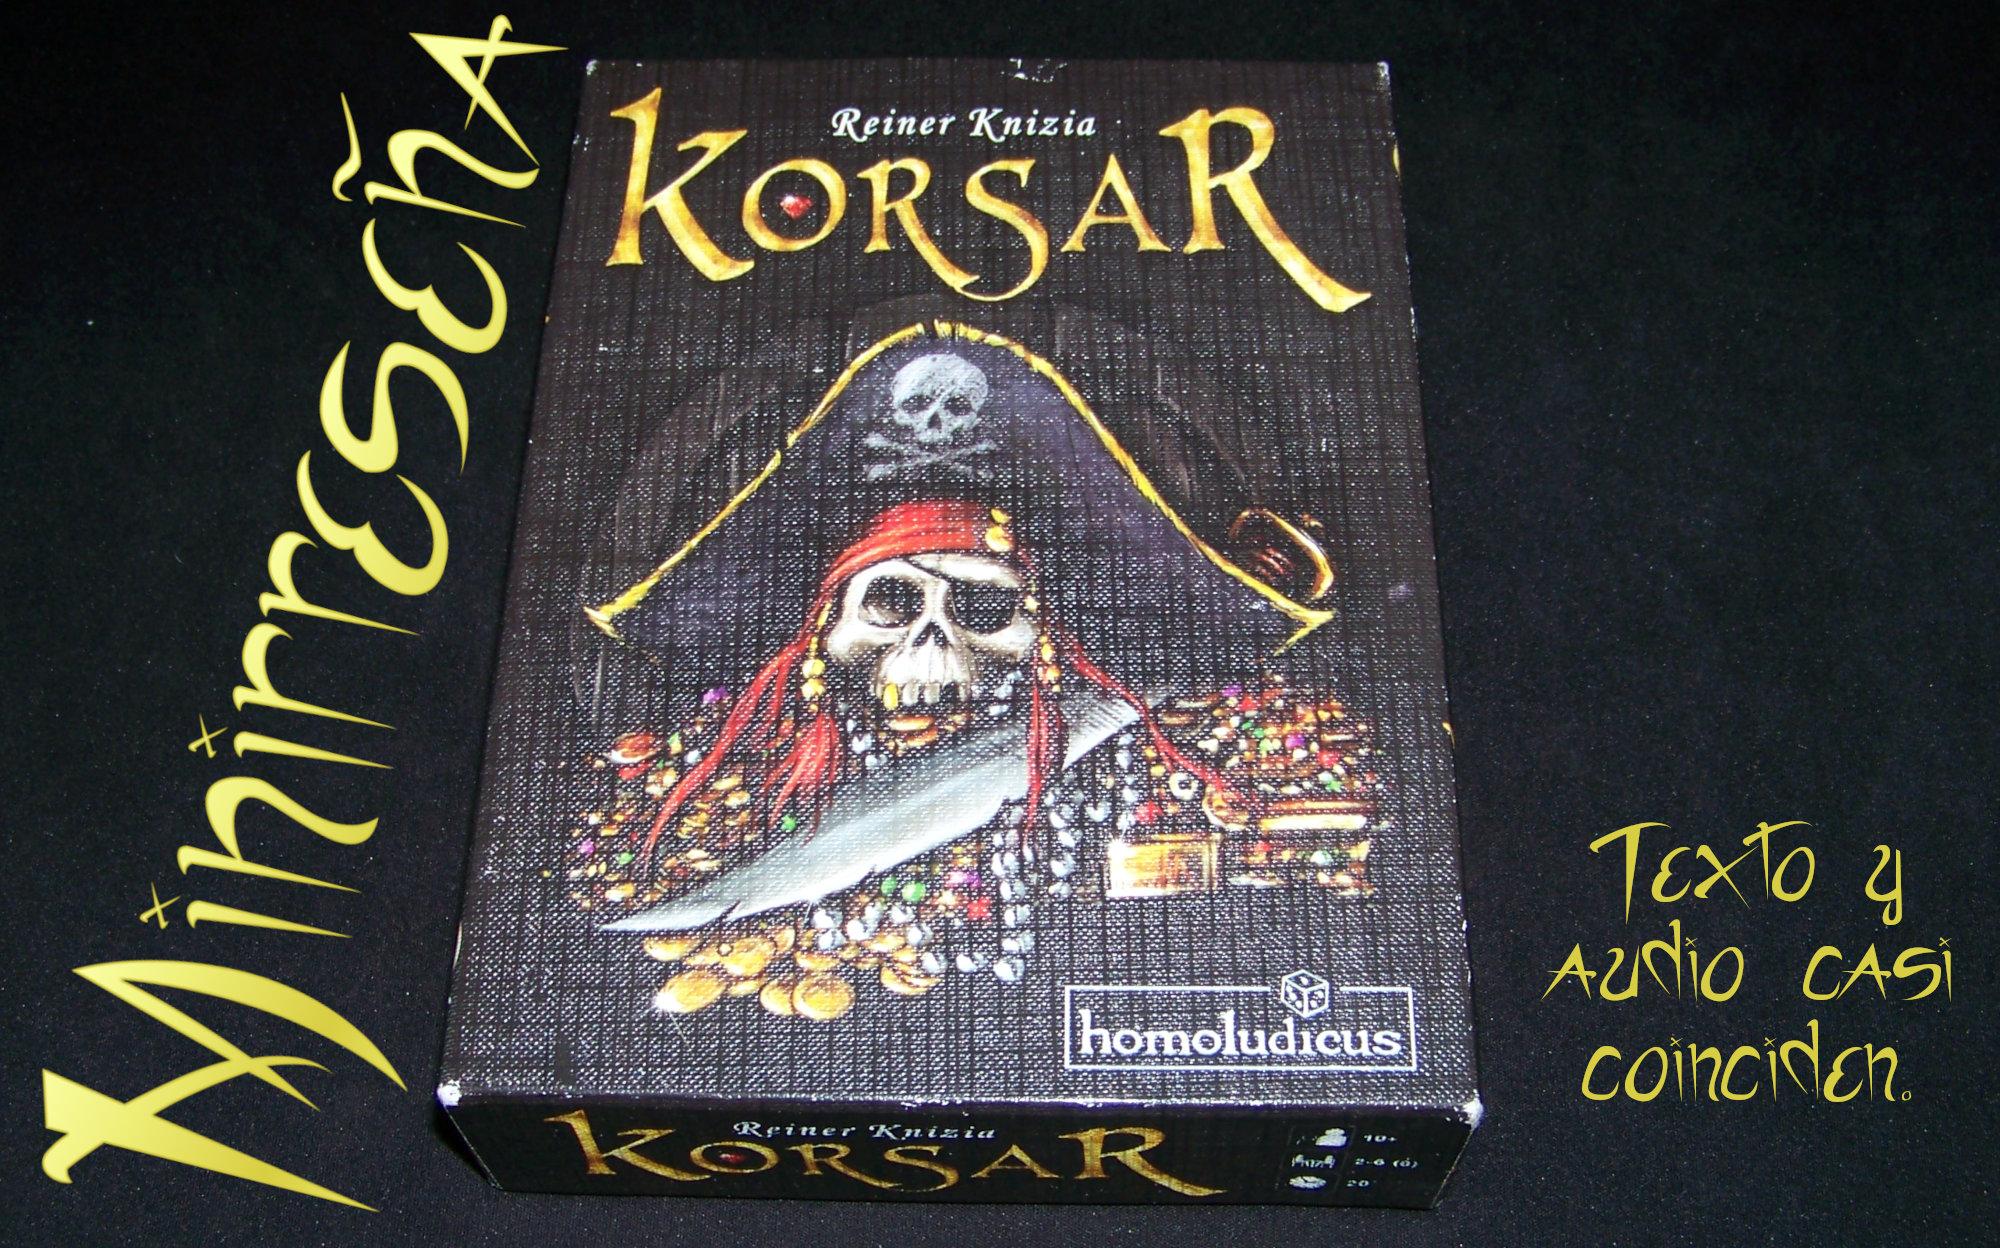 Juego de mesa Korsar - carátula